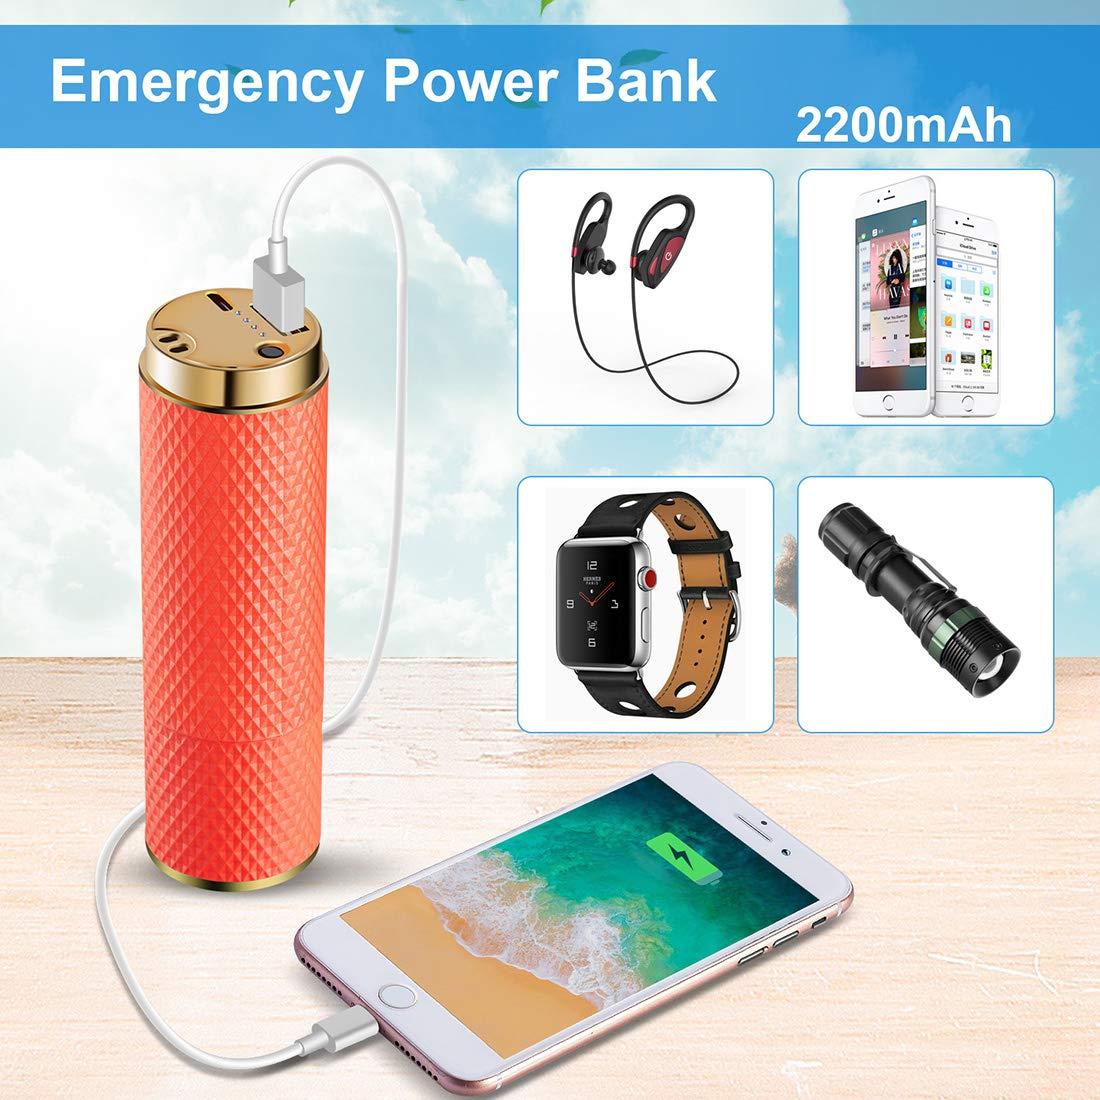 Ventilatore portatile ricaricabile C/&Xanadu batteria 2200mAh Colore sfumato mini ventole USB 8-12 ore di durata Ventilatore rinfrescante per donne viaggi//shopping//calcio